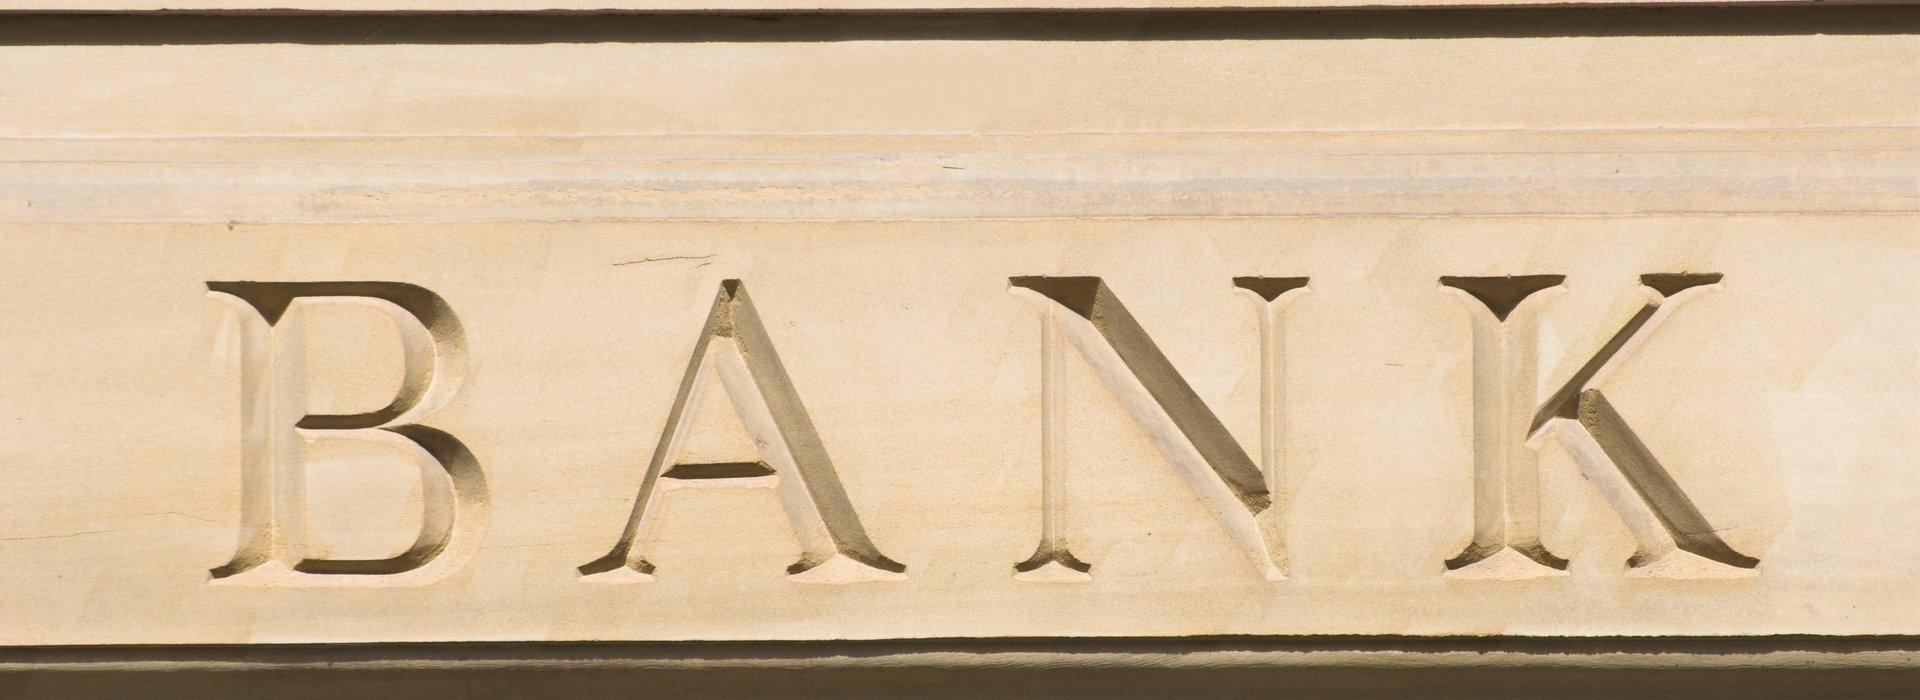 Banken in Budapest – Bank Dienstleistungen In Budapest, Ungarn